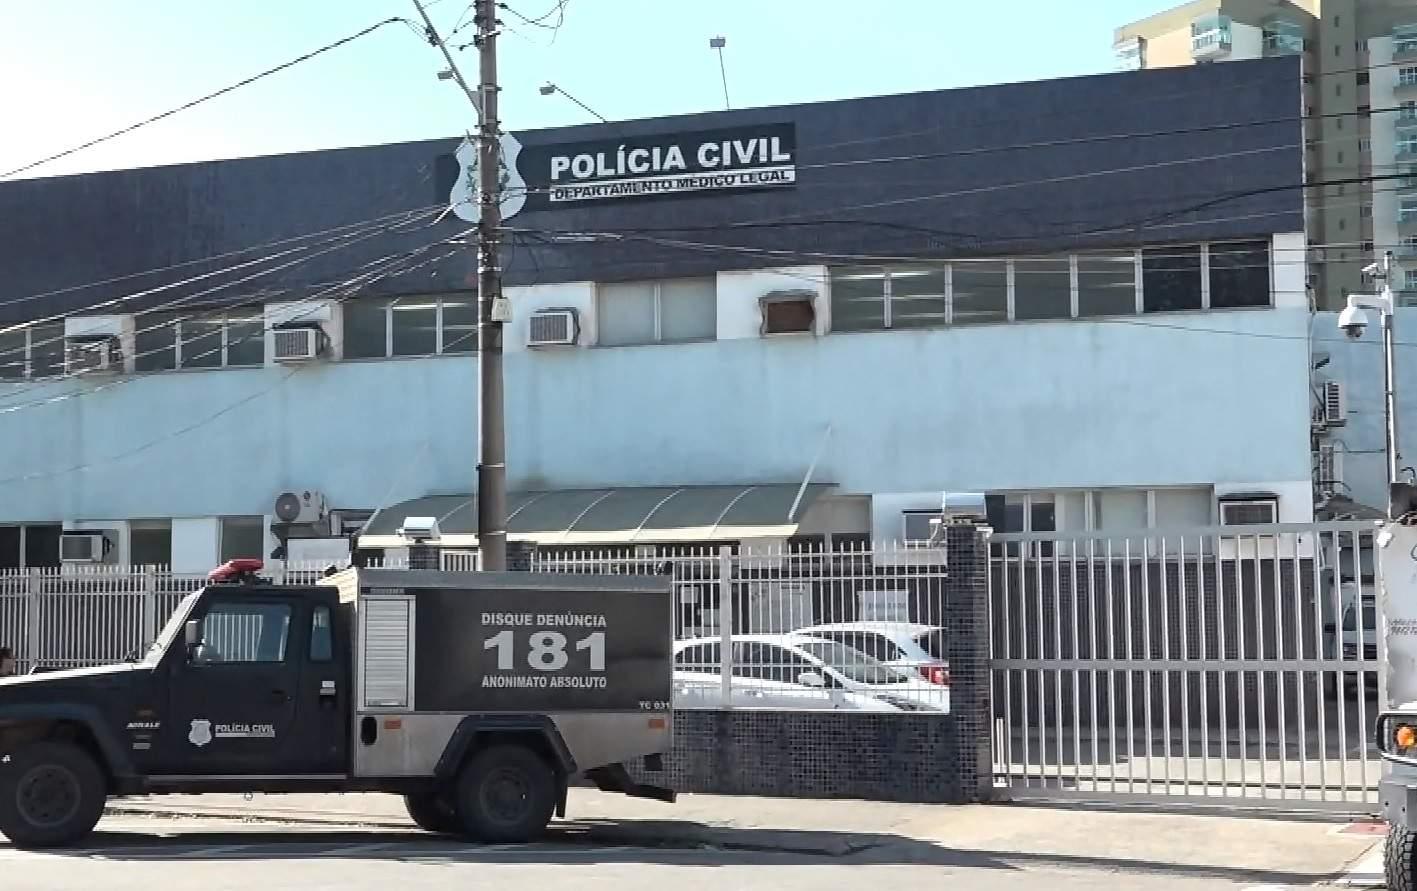 Criminosos encapuzados invadem casa em Cariacica e deixam um morto e um ferido - Jornal Folha Vitória